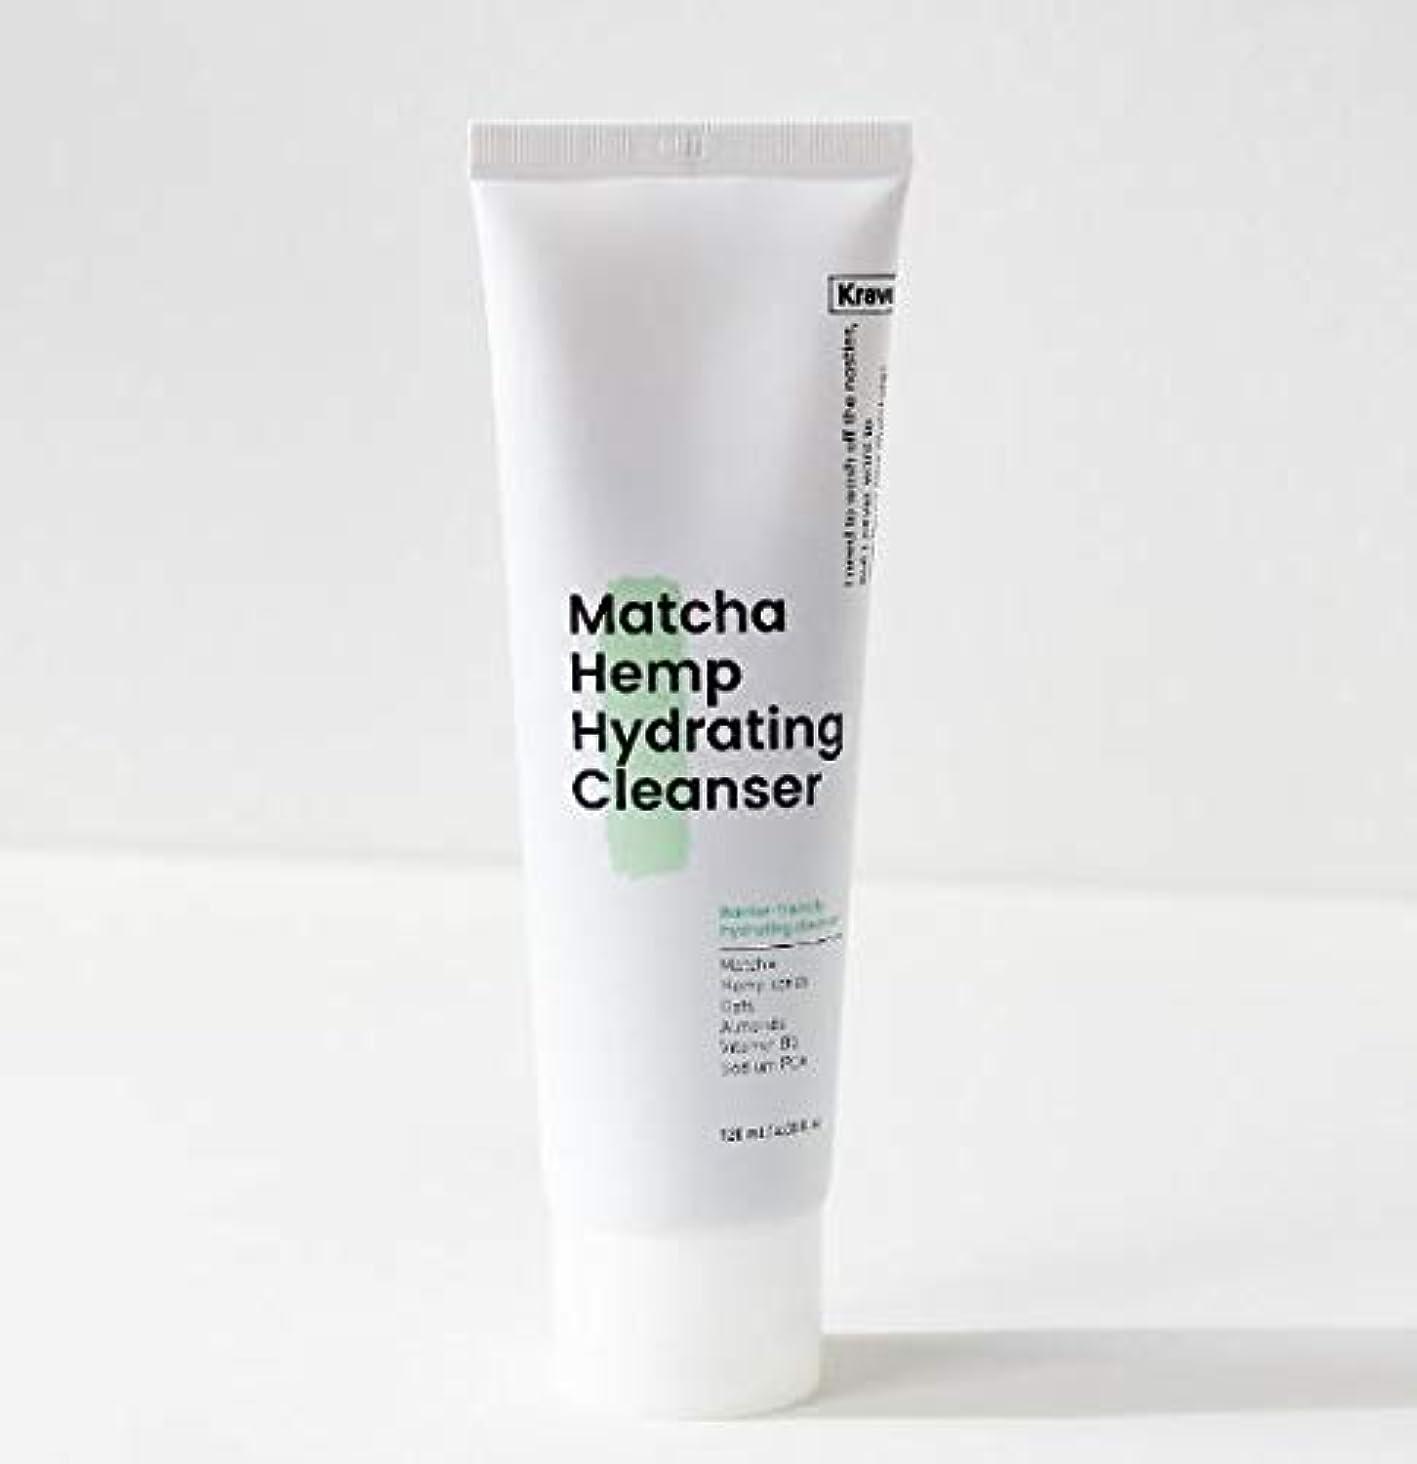 乗算父方のセッション[Krave] Matcha Hemp Hydrating Cleanser 120ml / 抹茶ハイドレイティングクレンザー120ml [並行輸入品]